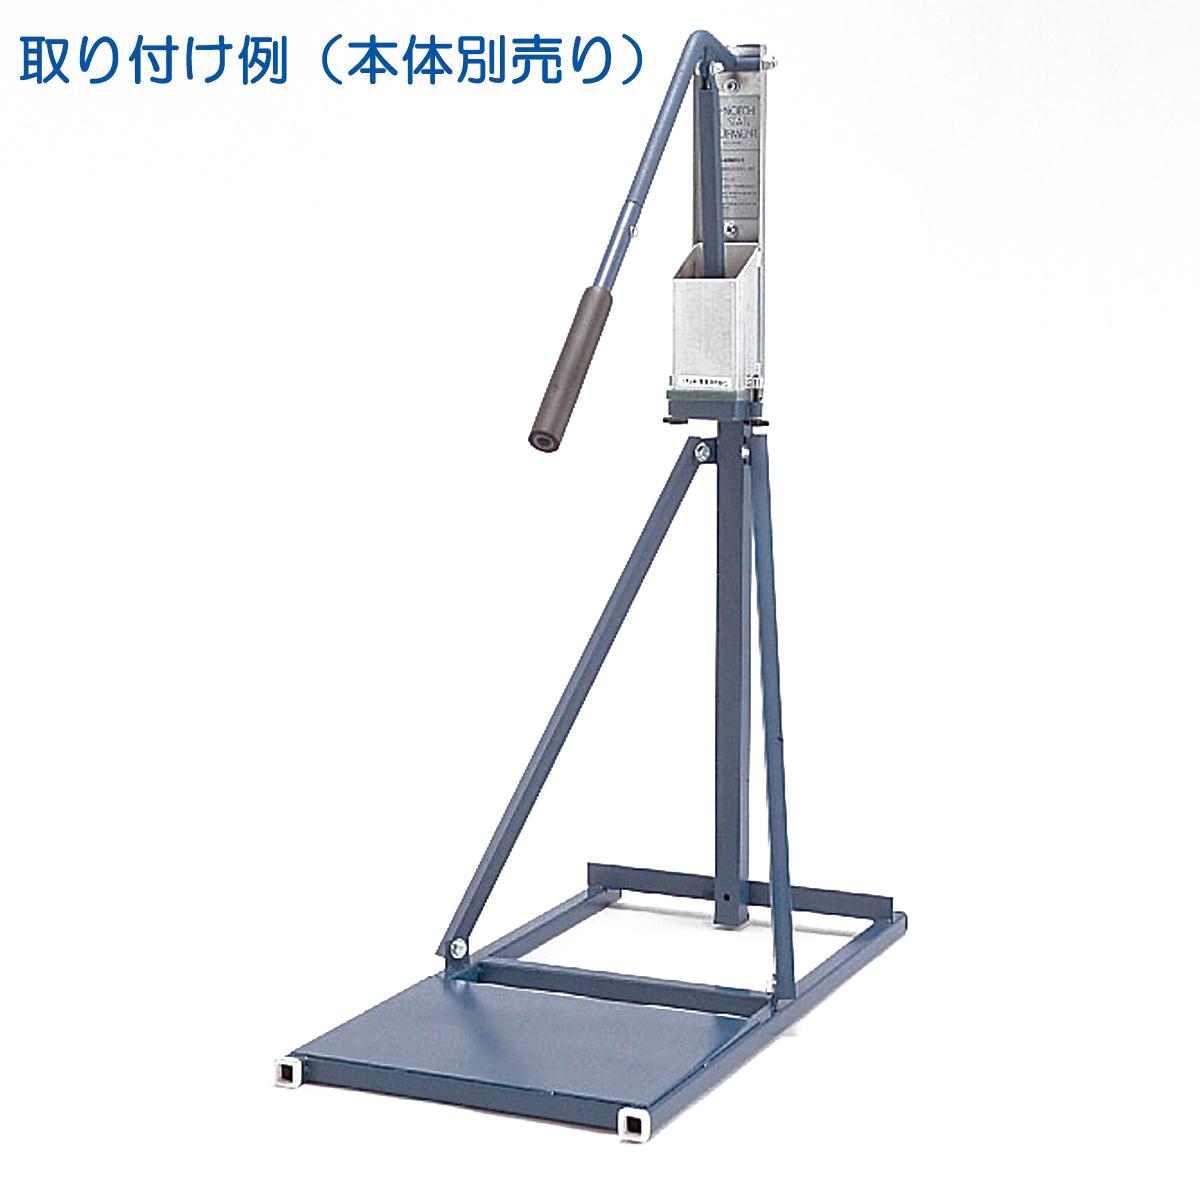 TE-12型用 取り付け台 【 陶芸 ろくろ 粘土 紐作り 】